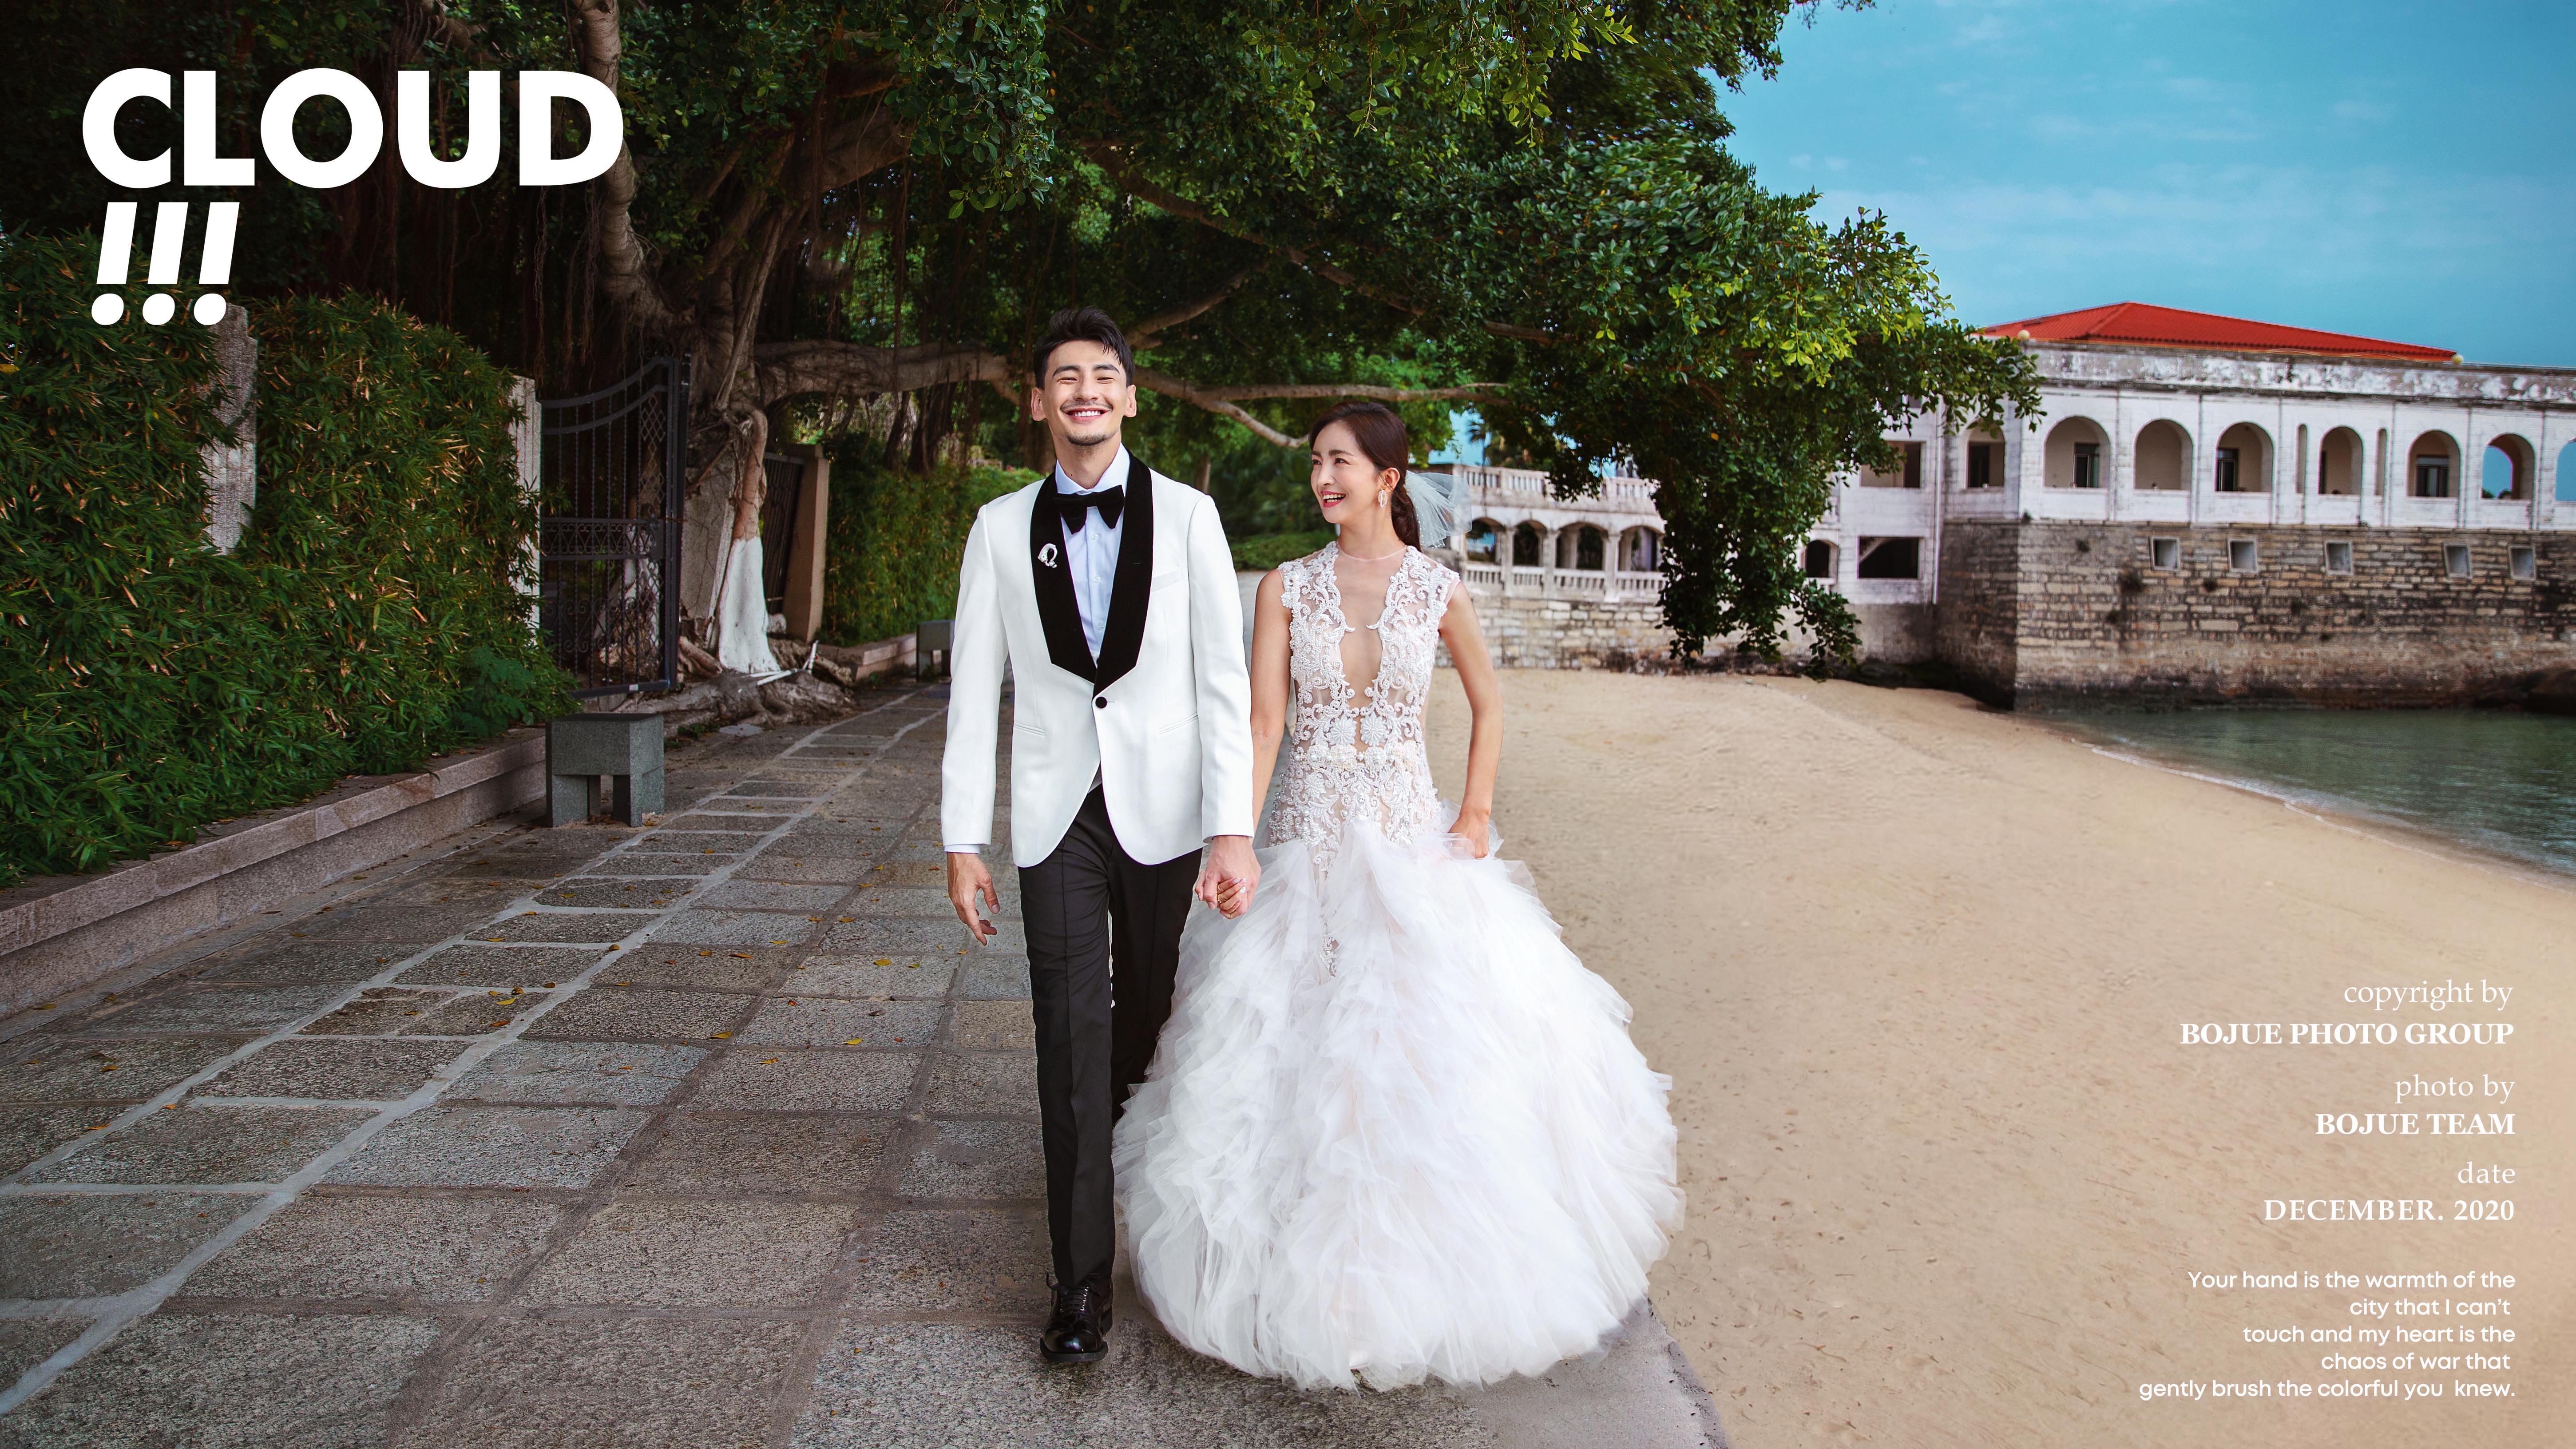 厦门婚纱照 2021厦门婚纱照可以拍什么风格